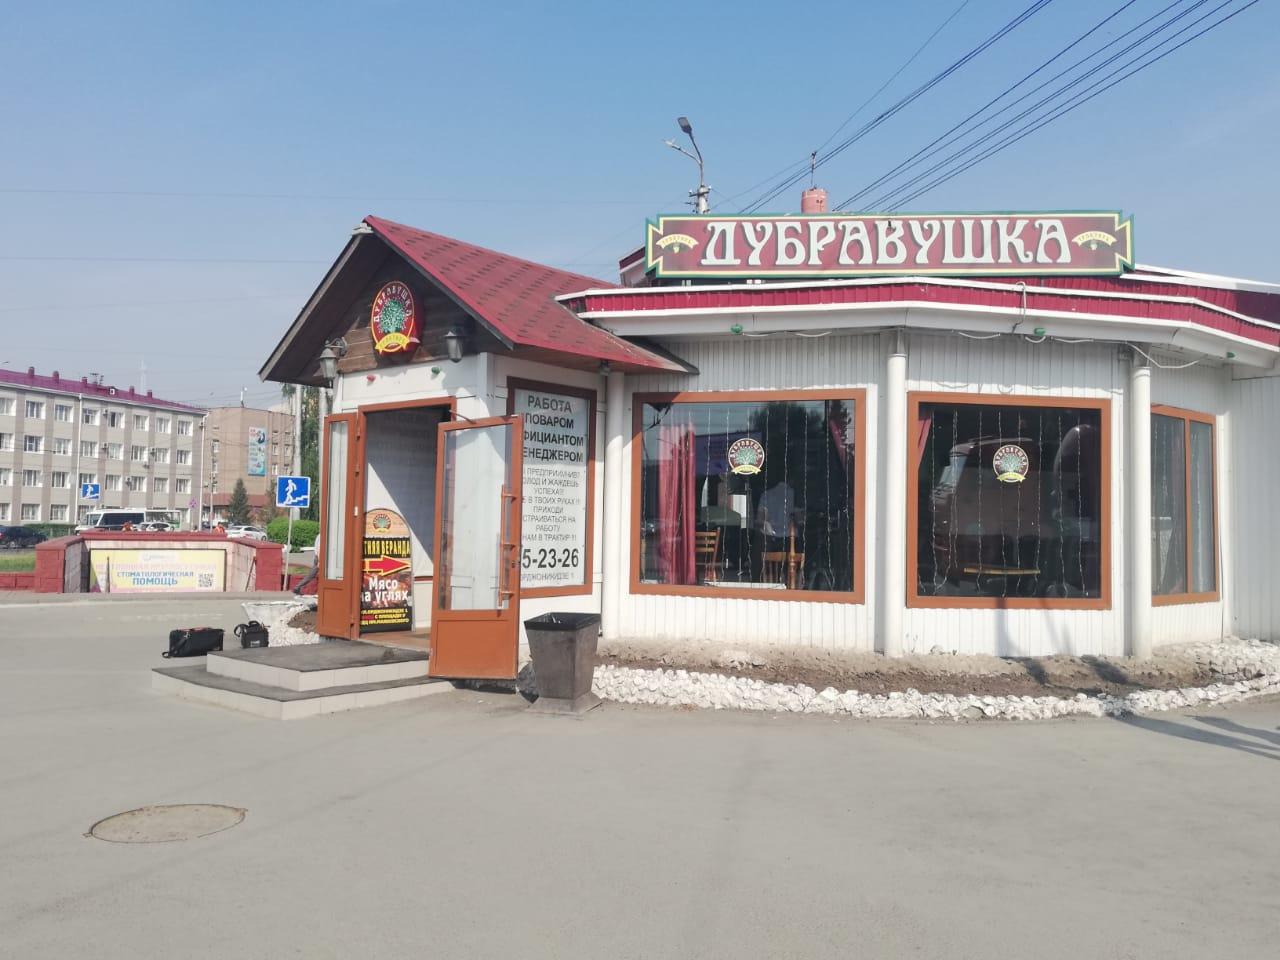 Перед КДЦ «Маяковский» сносят кафе-самострой «Дубравушка» #Новости #Общество #Омск